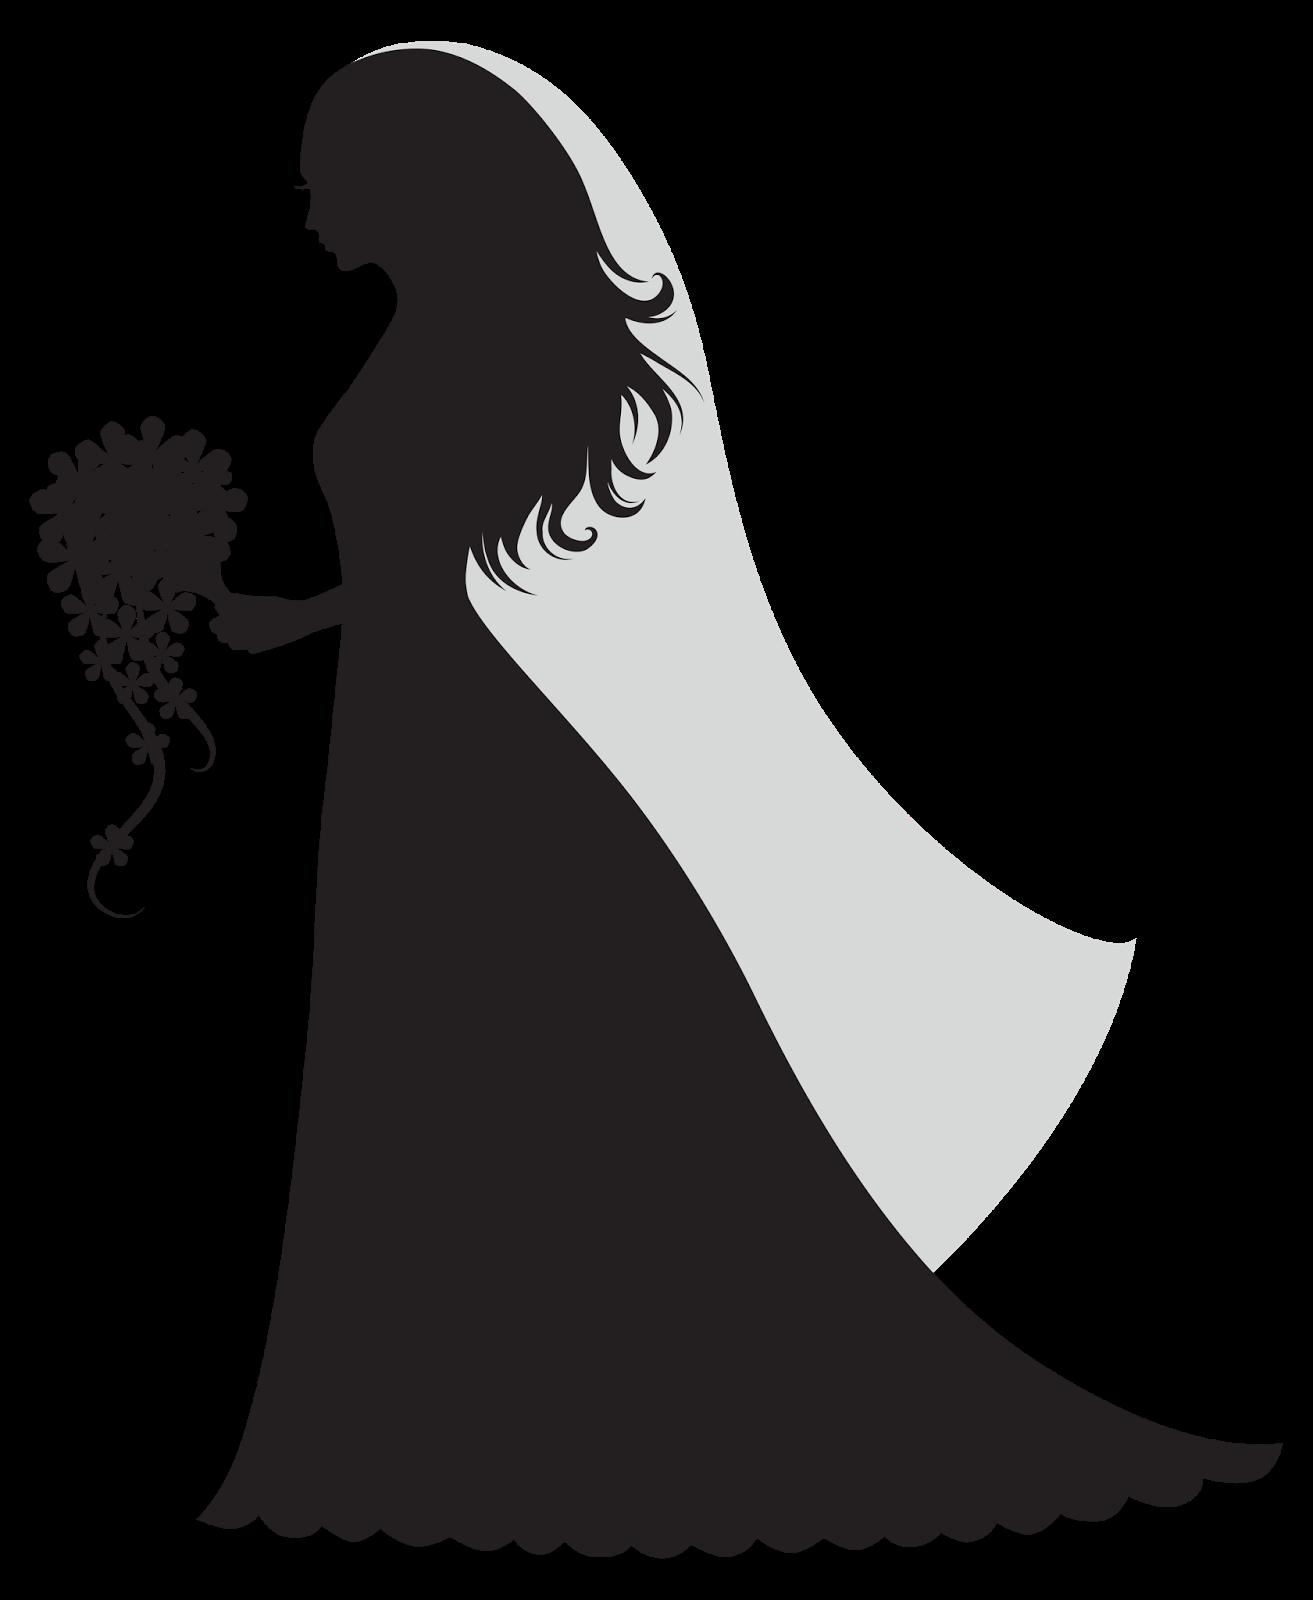 Home Design Diy App مجموعة صور ثيمات العروس لتزيين جهاز العروس اشغال يدوية